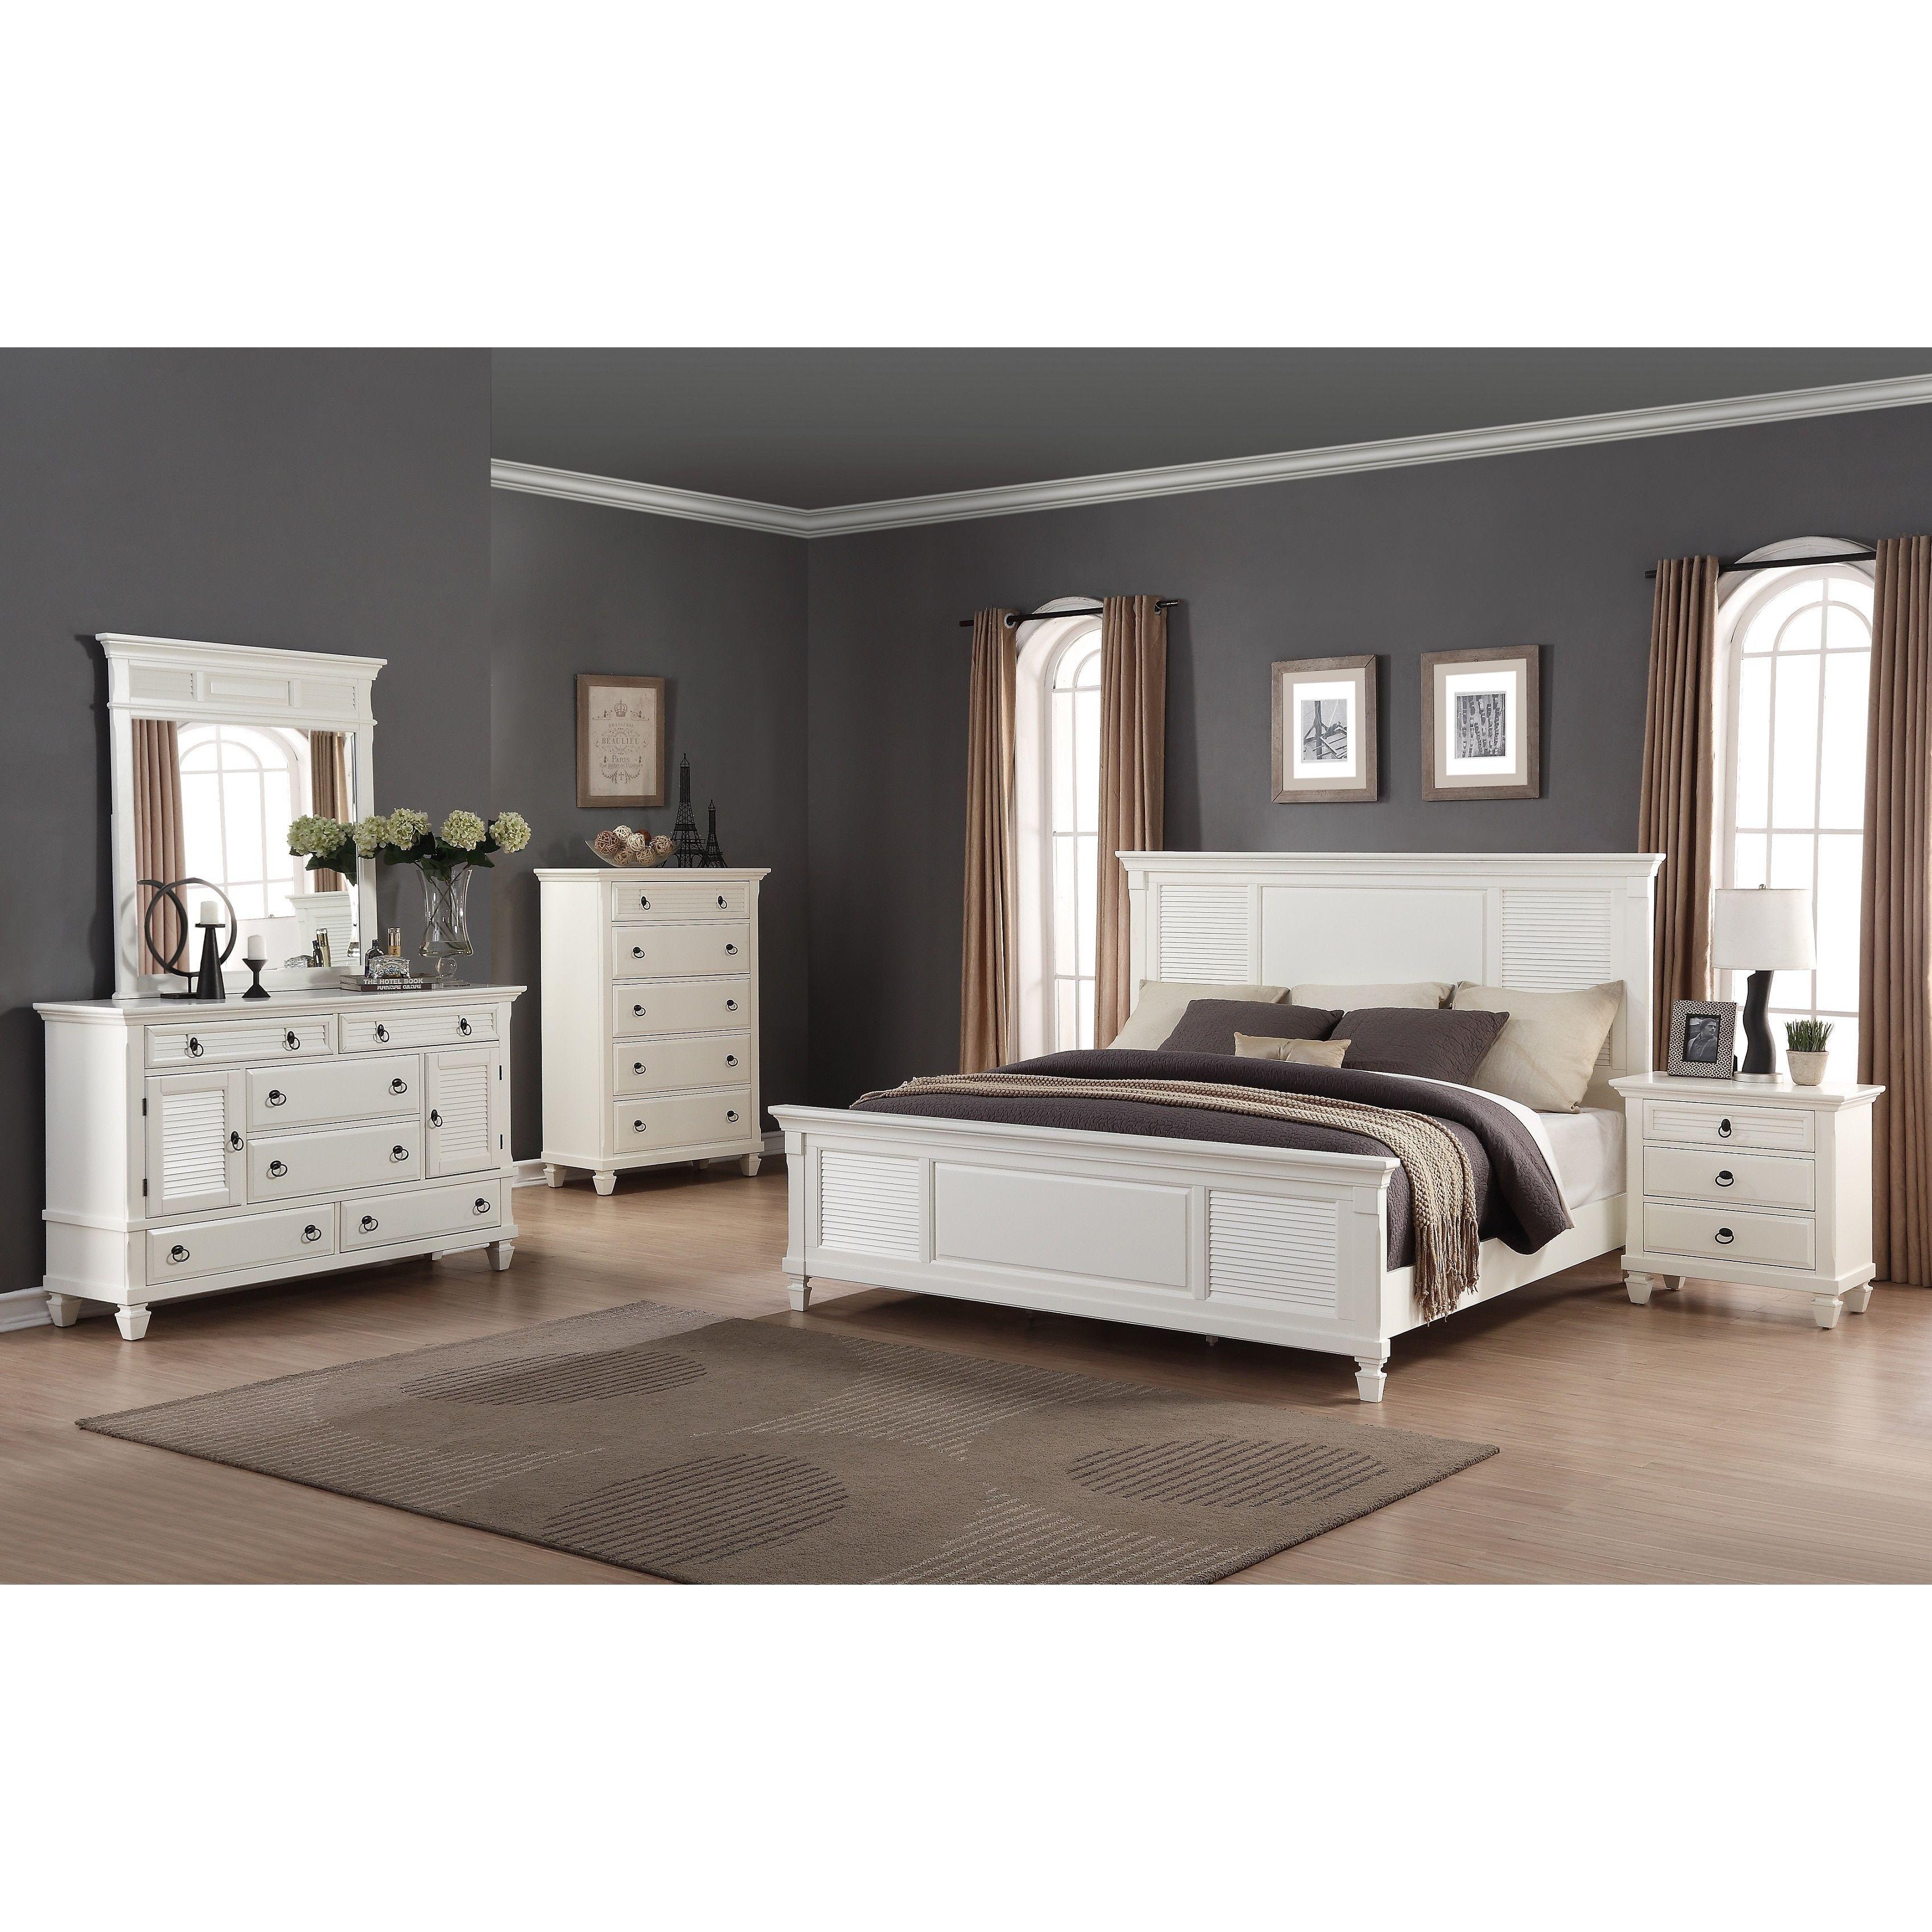 Regitina White 5Piece Queensize Bedroom Furniture Set Queen Inspiration Queen Size Bedroom Sets Inspiration Design